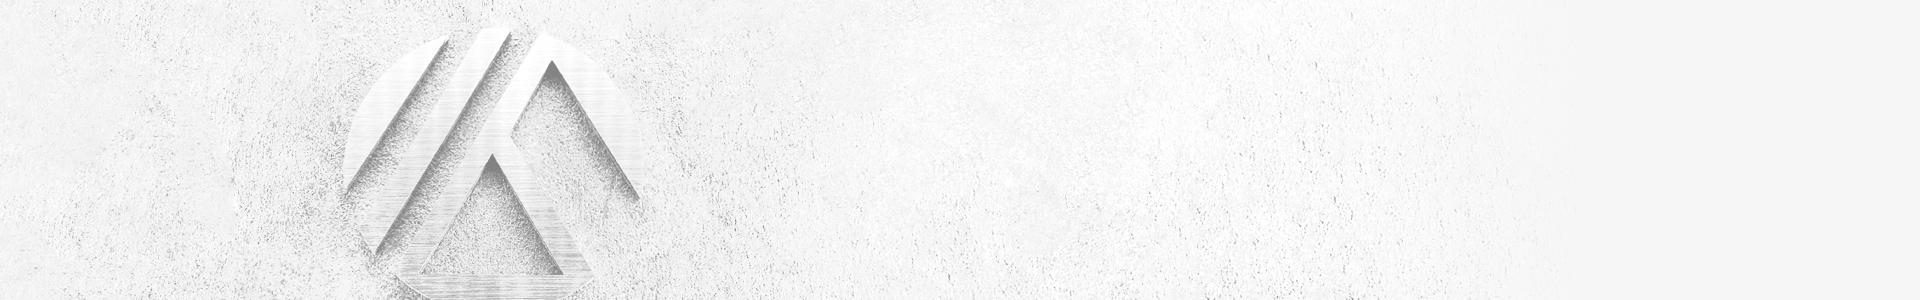 株式会社アストライズのロゴ画像